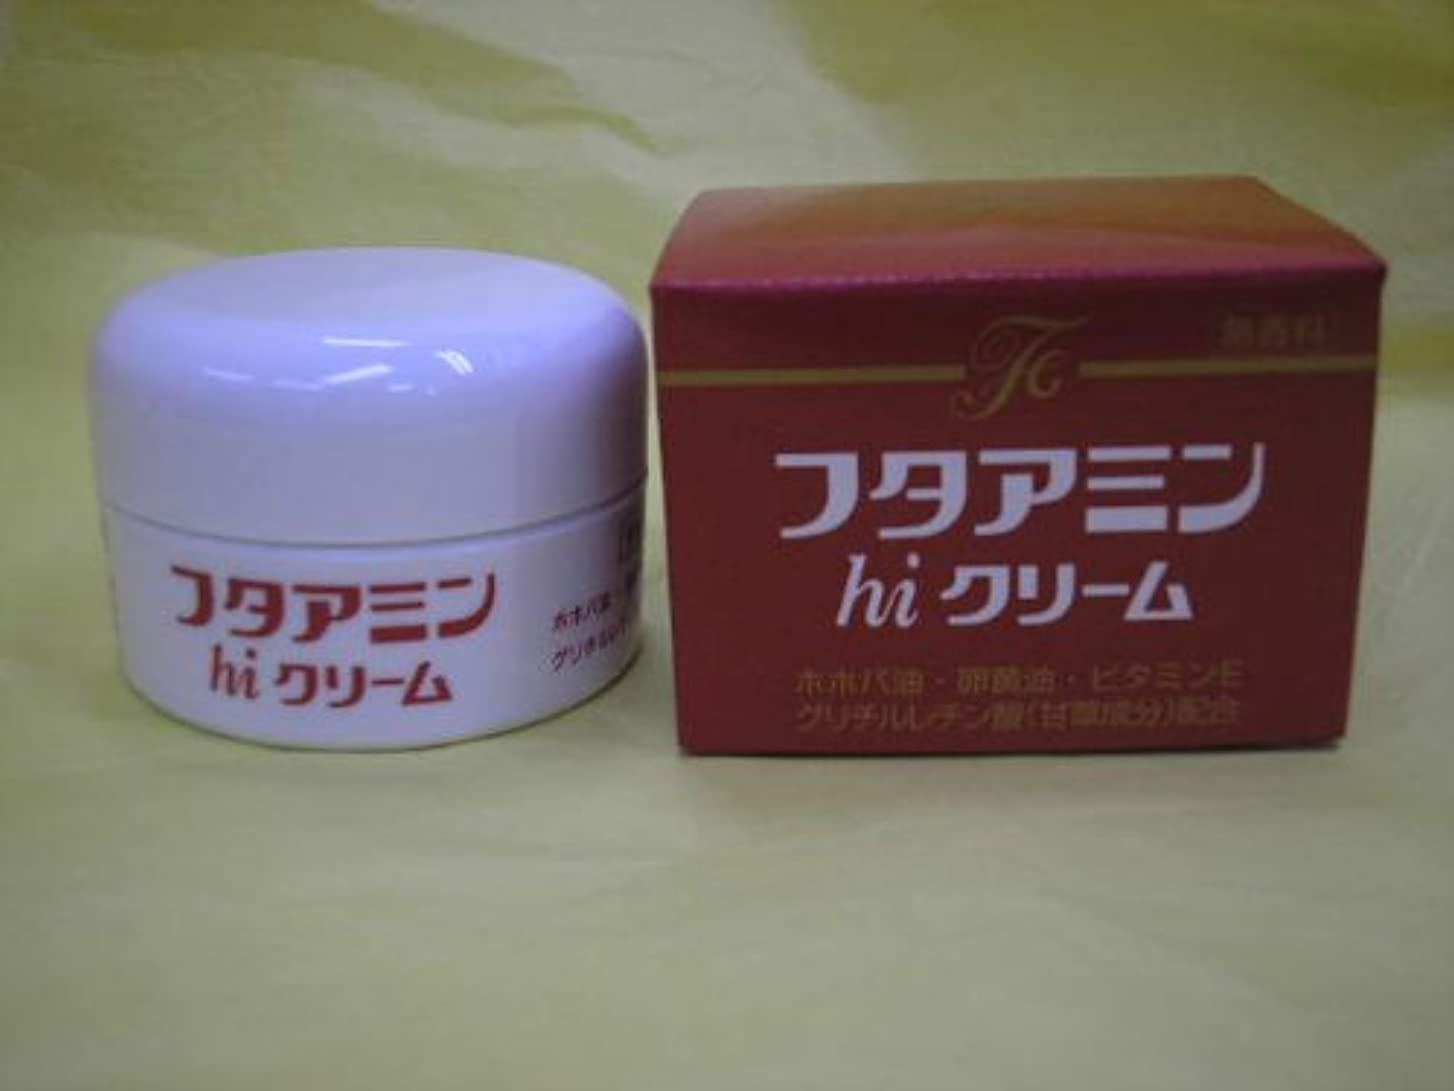 仕事に行く非難する甲虫フタアミンhiクリーム 55g(無香料)医薬部外品